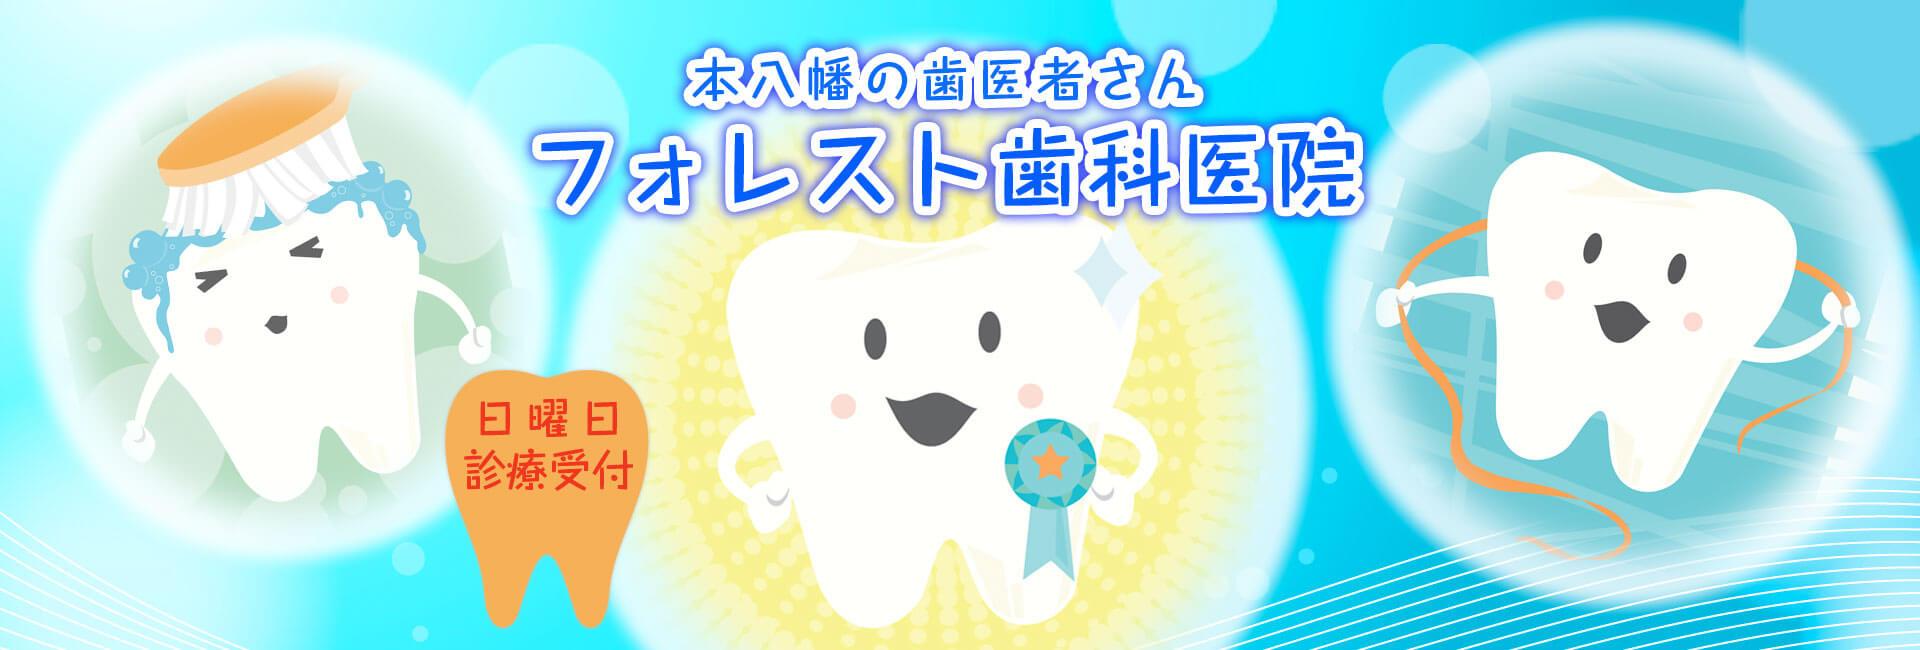 本八幡の歯医者 - 日曜診療のフォレスト歯科医院(千葉県市川市南八幡)